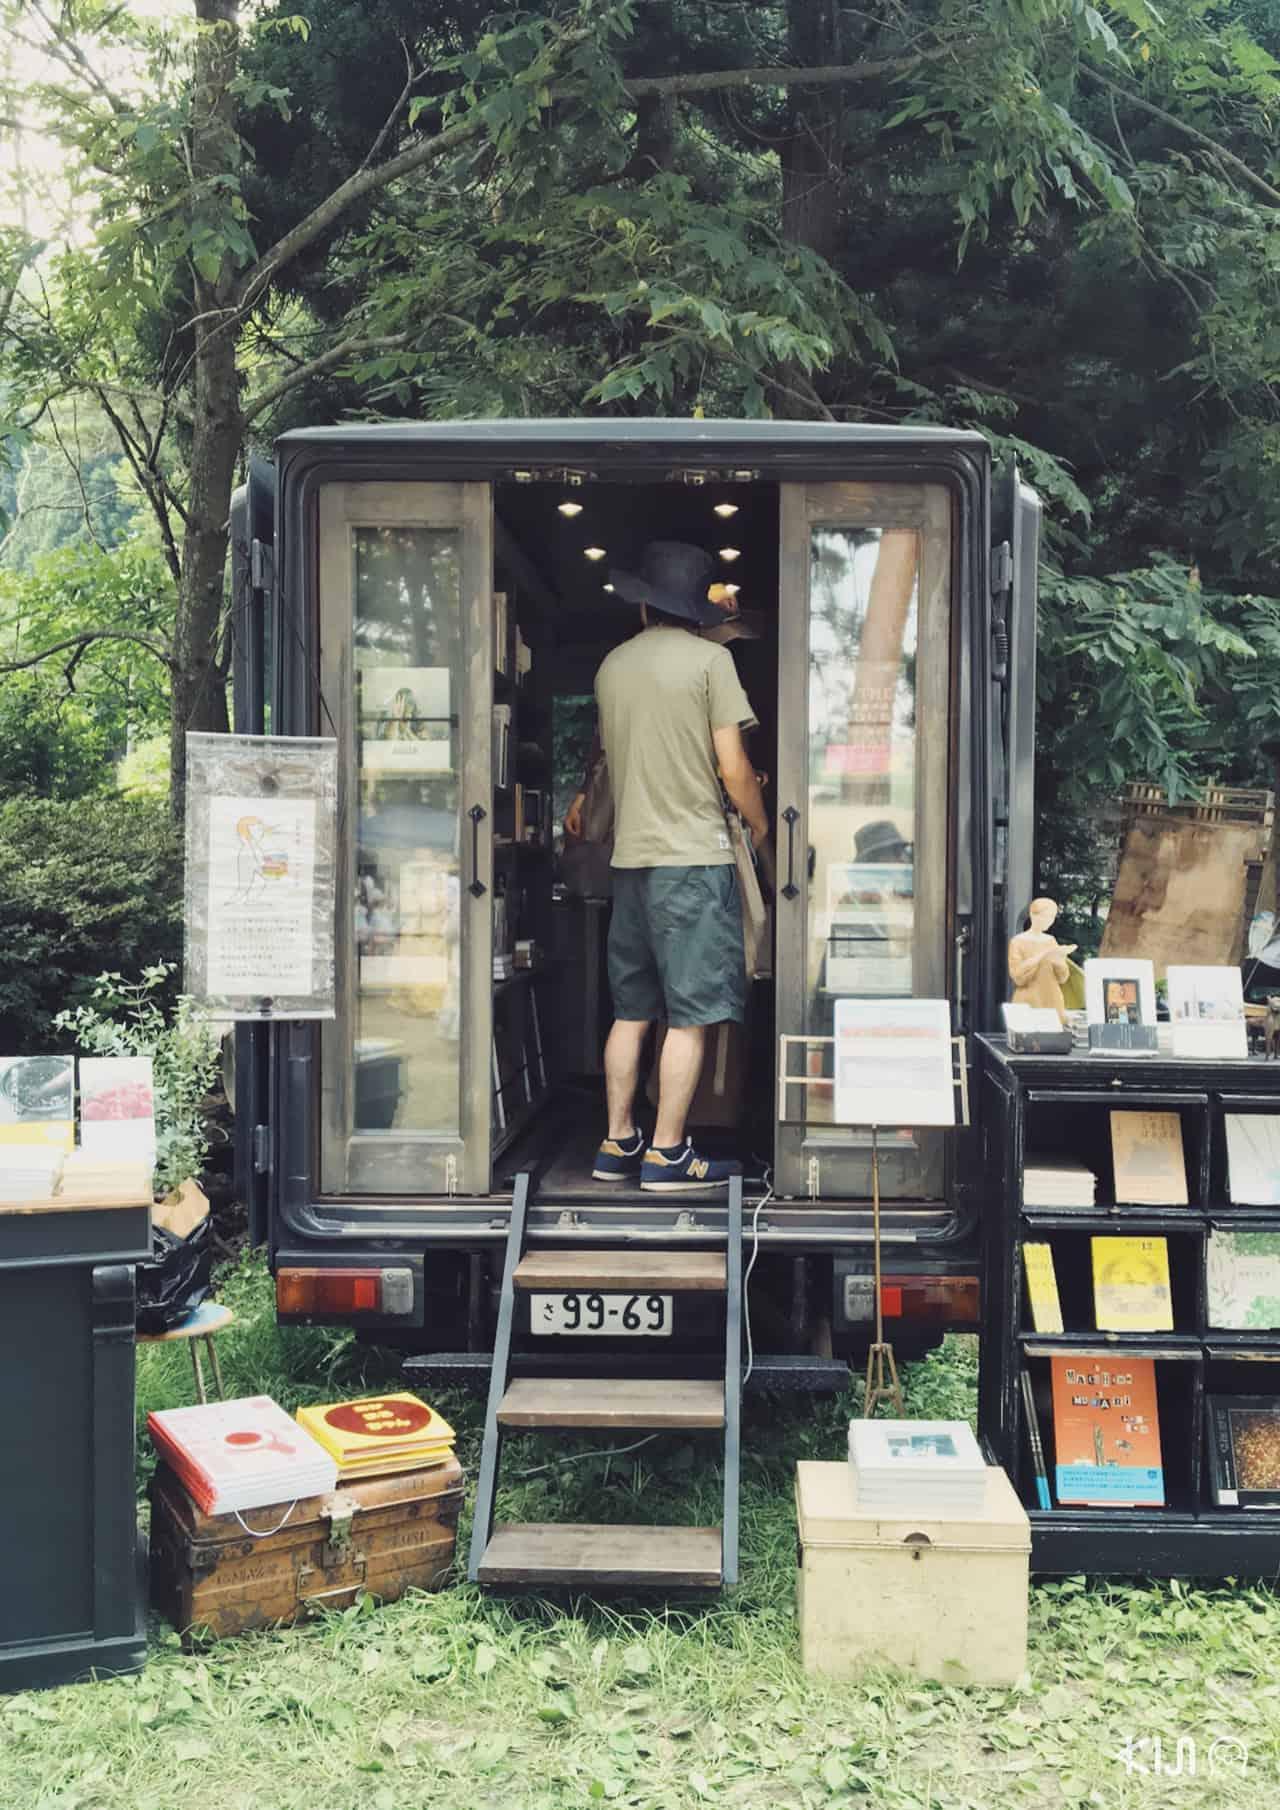 ร้านขายหนังสือ ในงาน Alps Book Camp